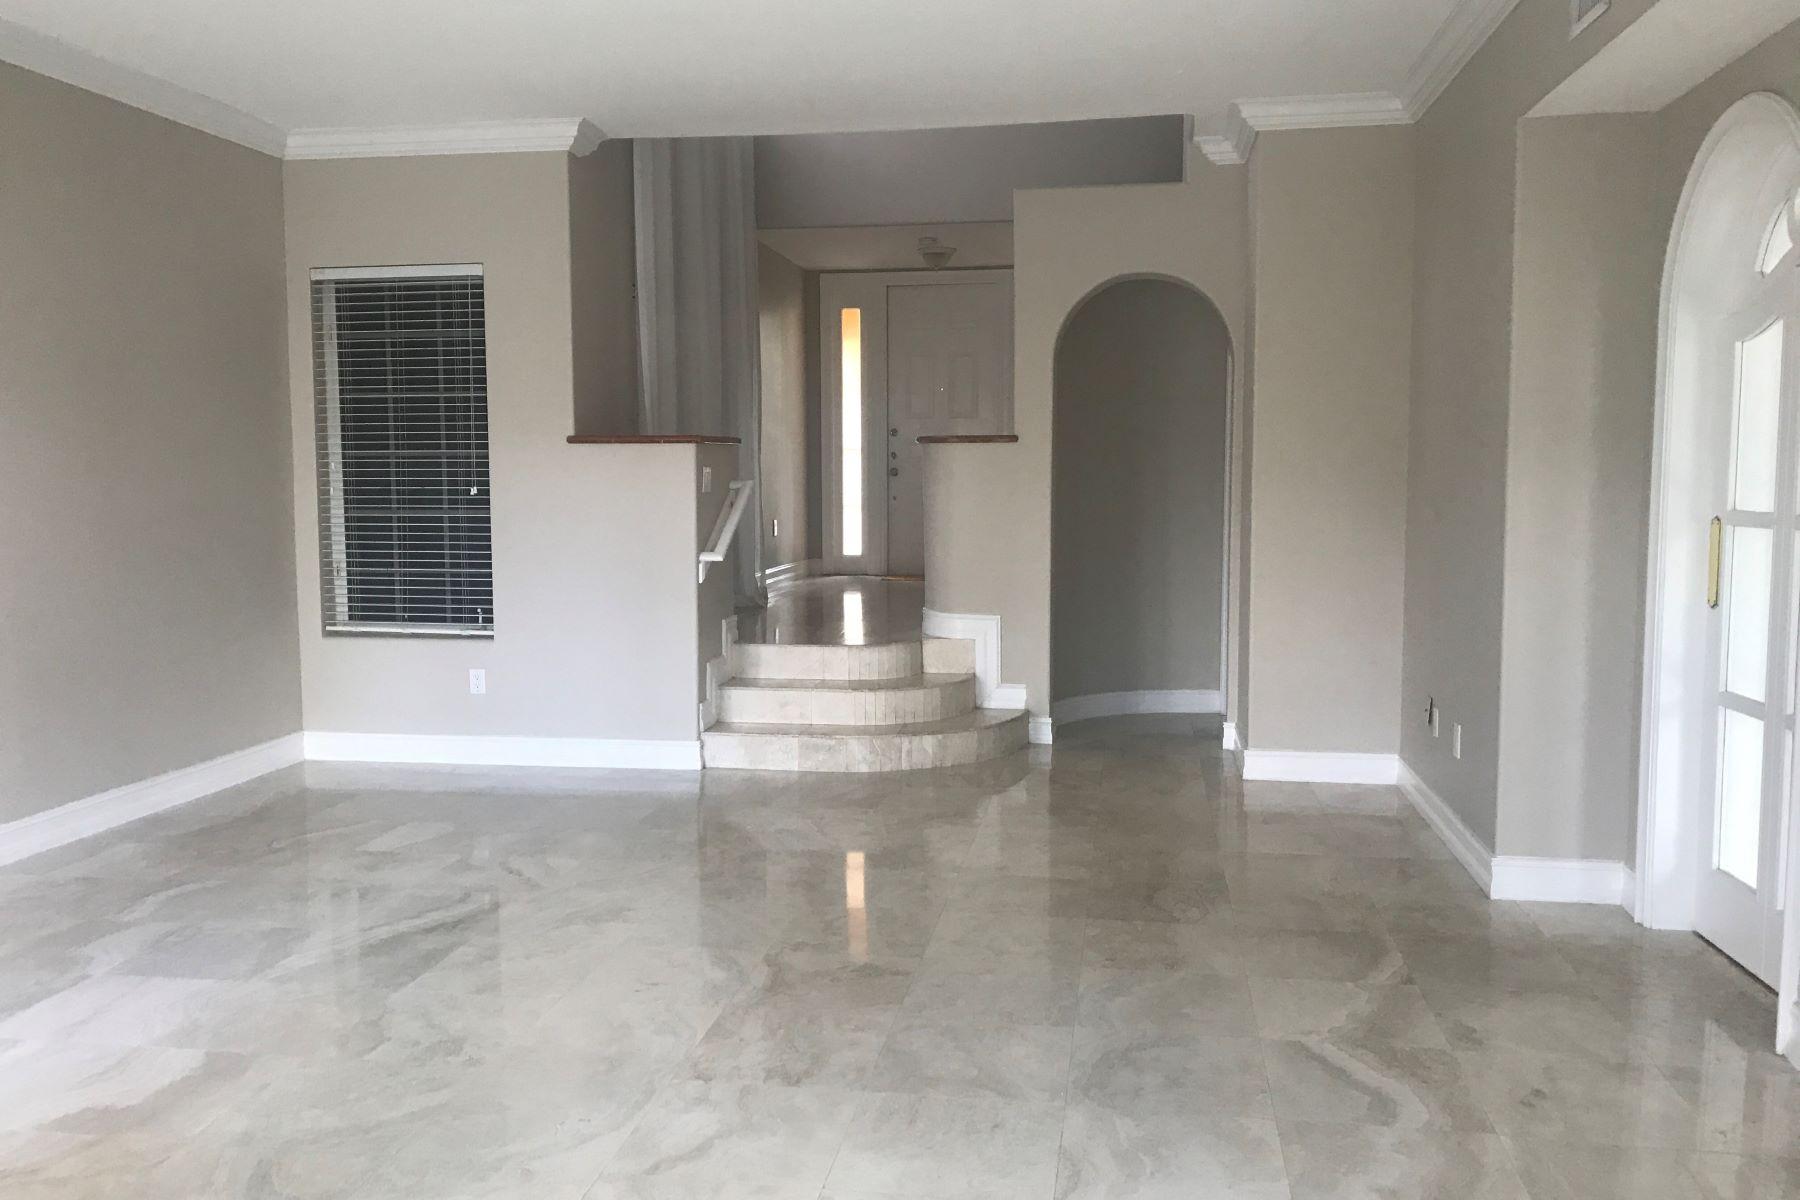 Maison unifamiliale pour l à louer à 20920 Ne 30th Pl 20920 Ne 30th Pl Aventura, Florida 33180 États-Unis